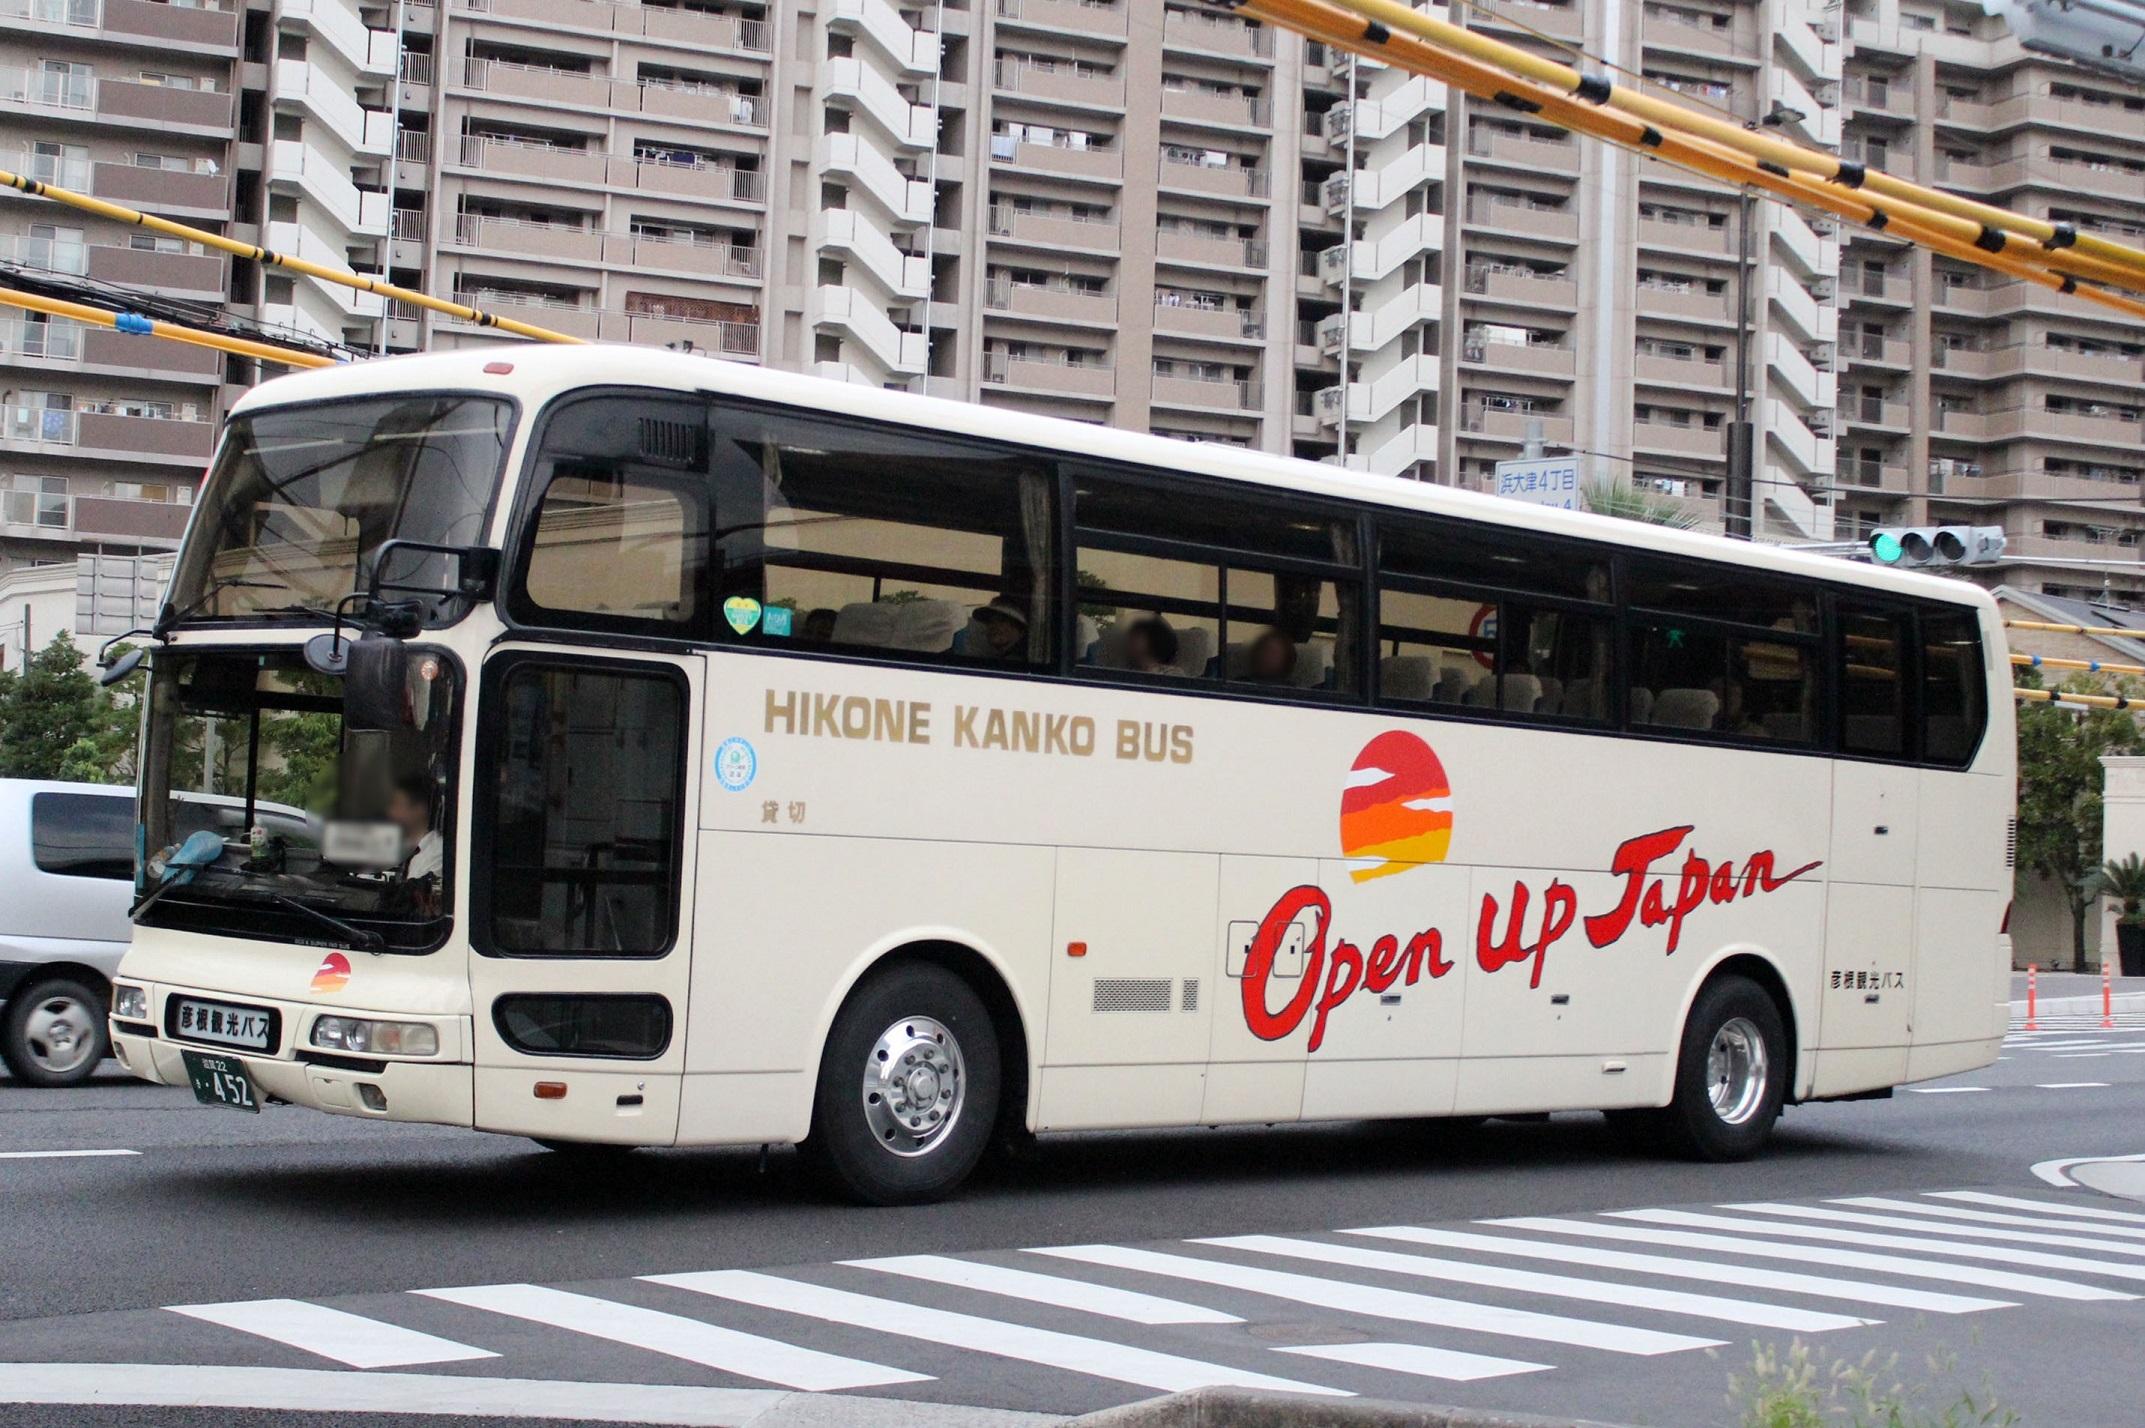 彦根観光バス き452